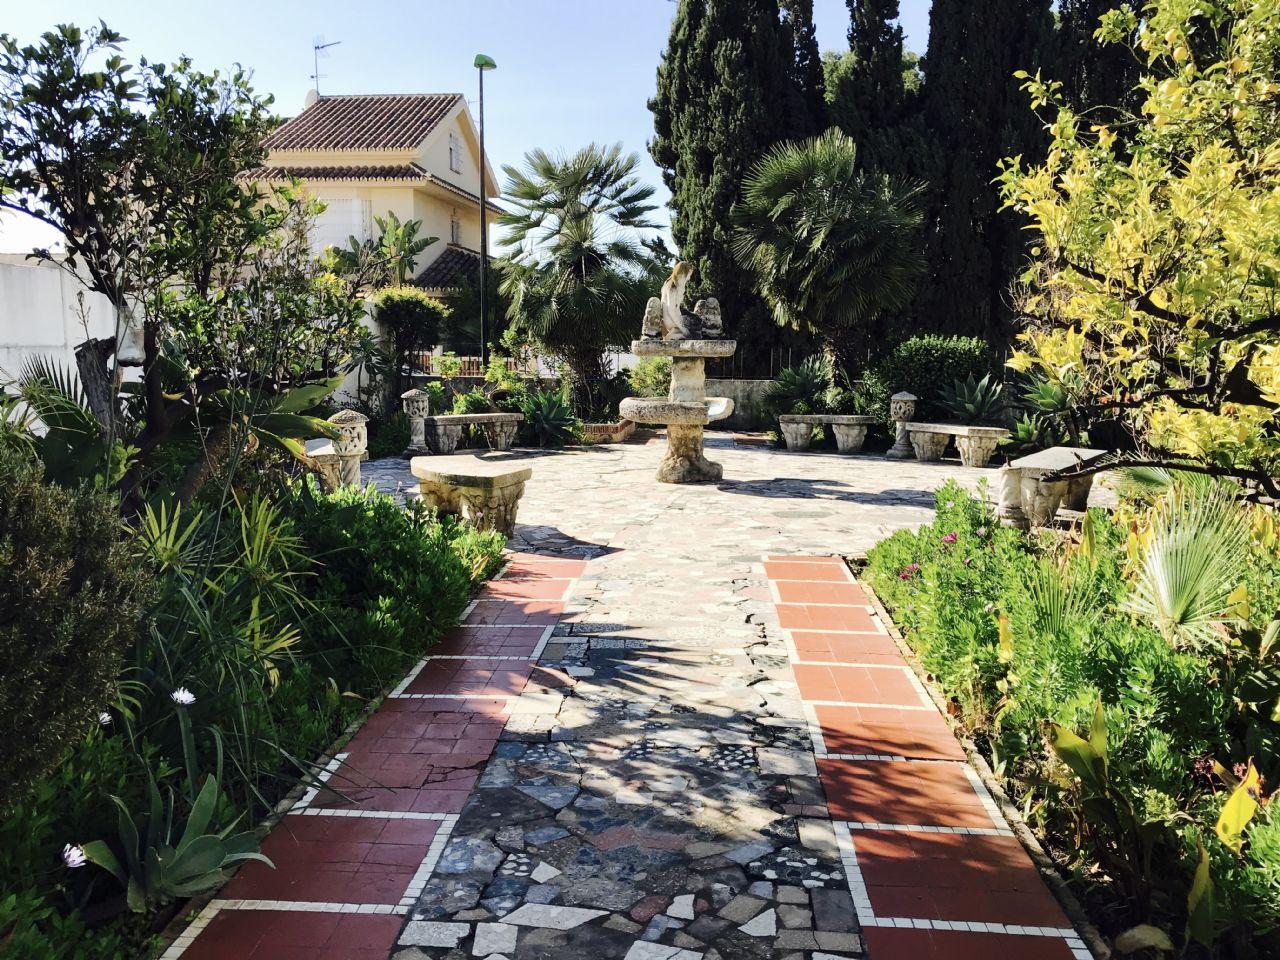 Casa / Chalet en Málaga, Miraflores del Palo, venta